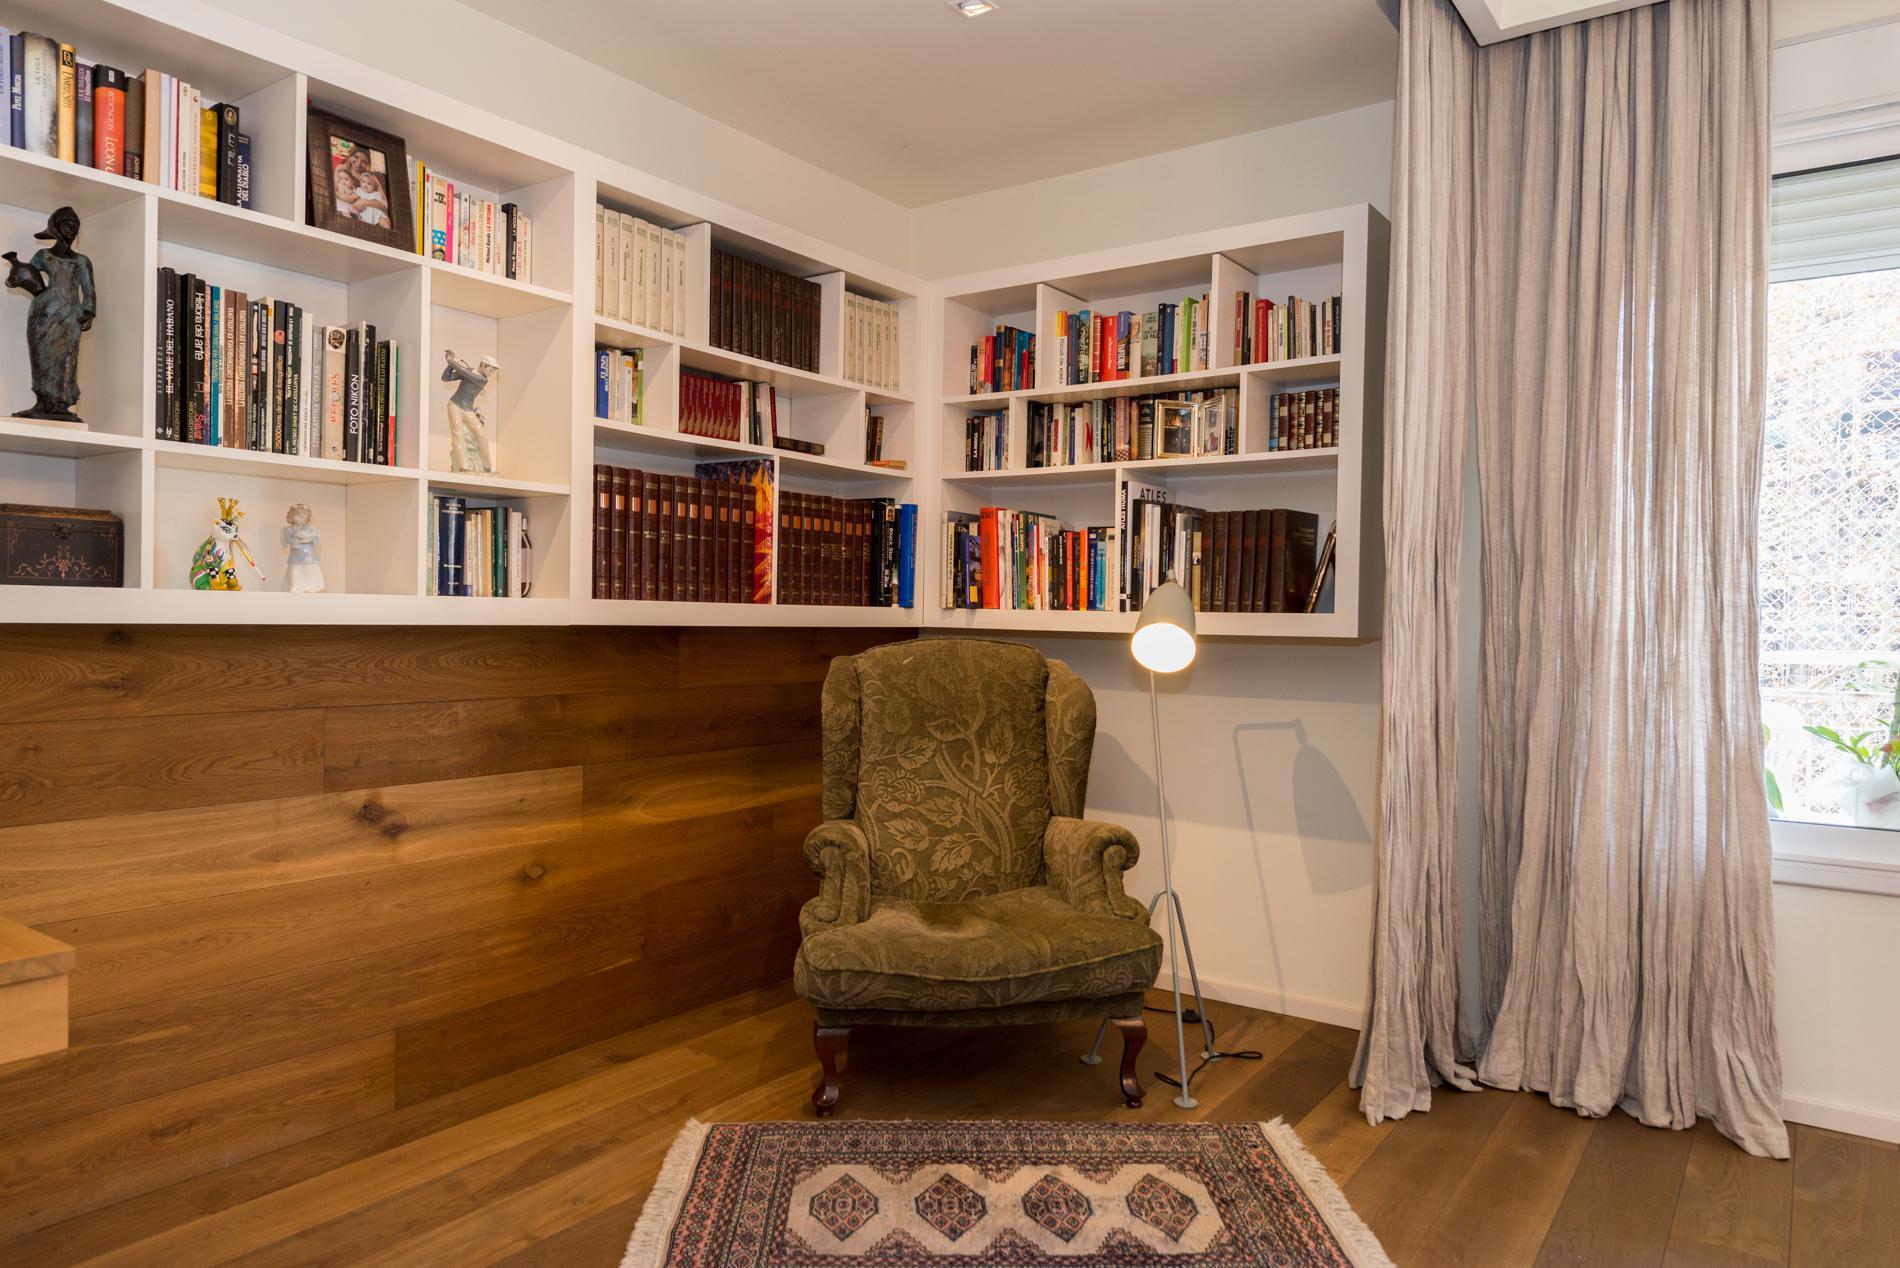 222426 Apartment for sale in Eixample, Dreta Eixample 3